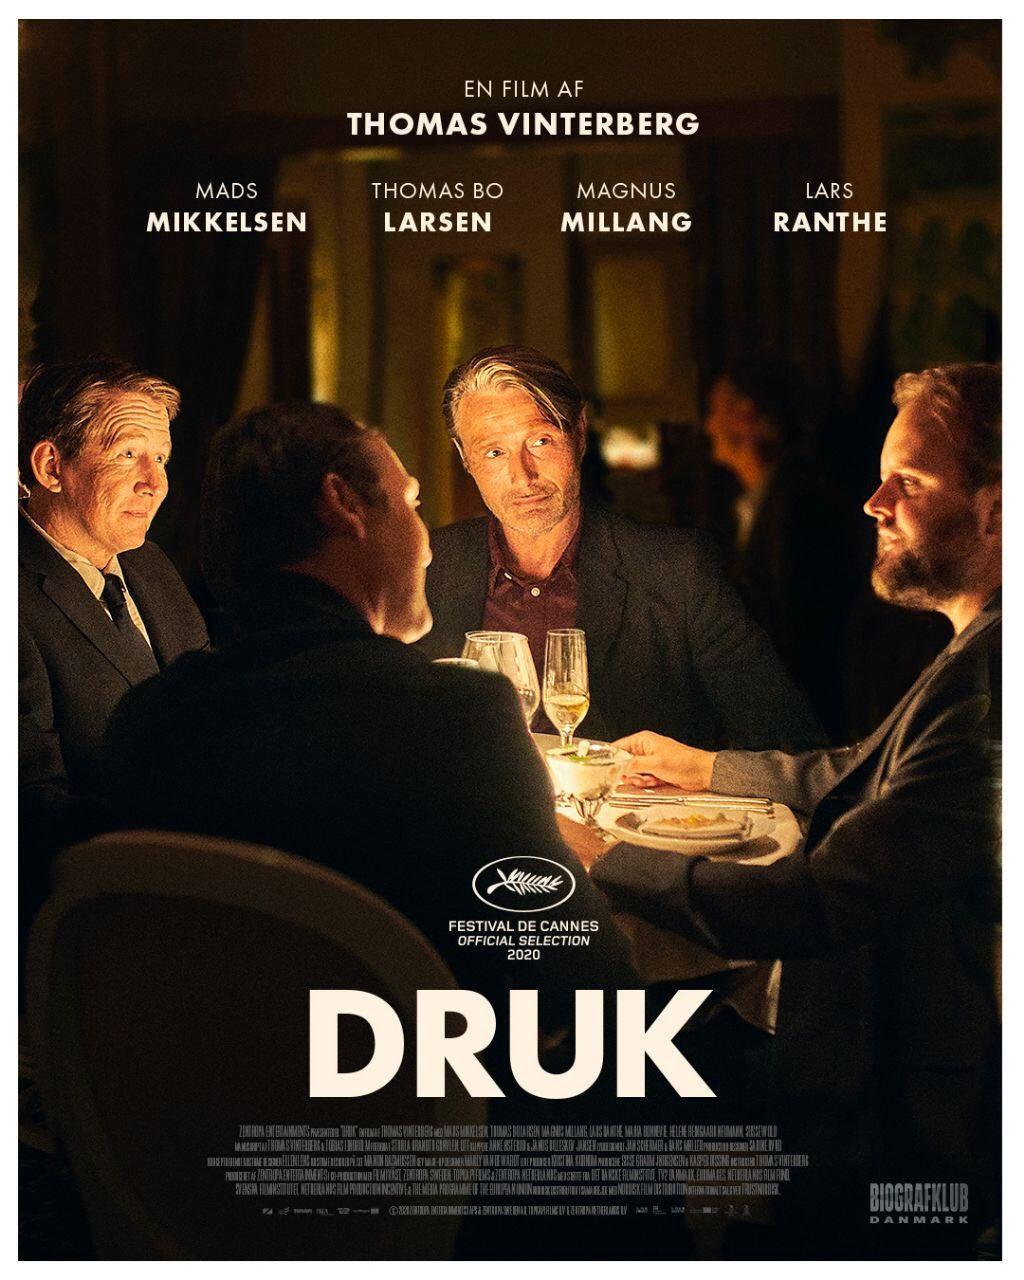 DRUNK - Café des images